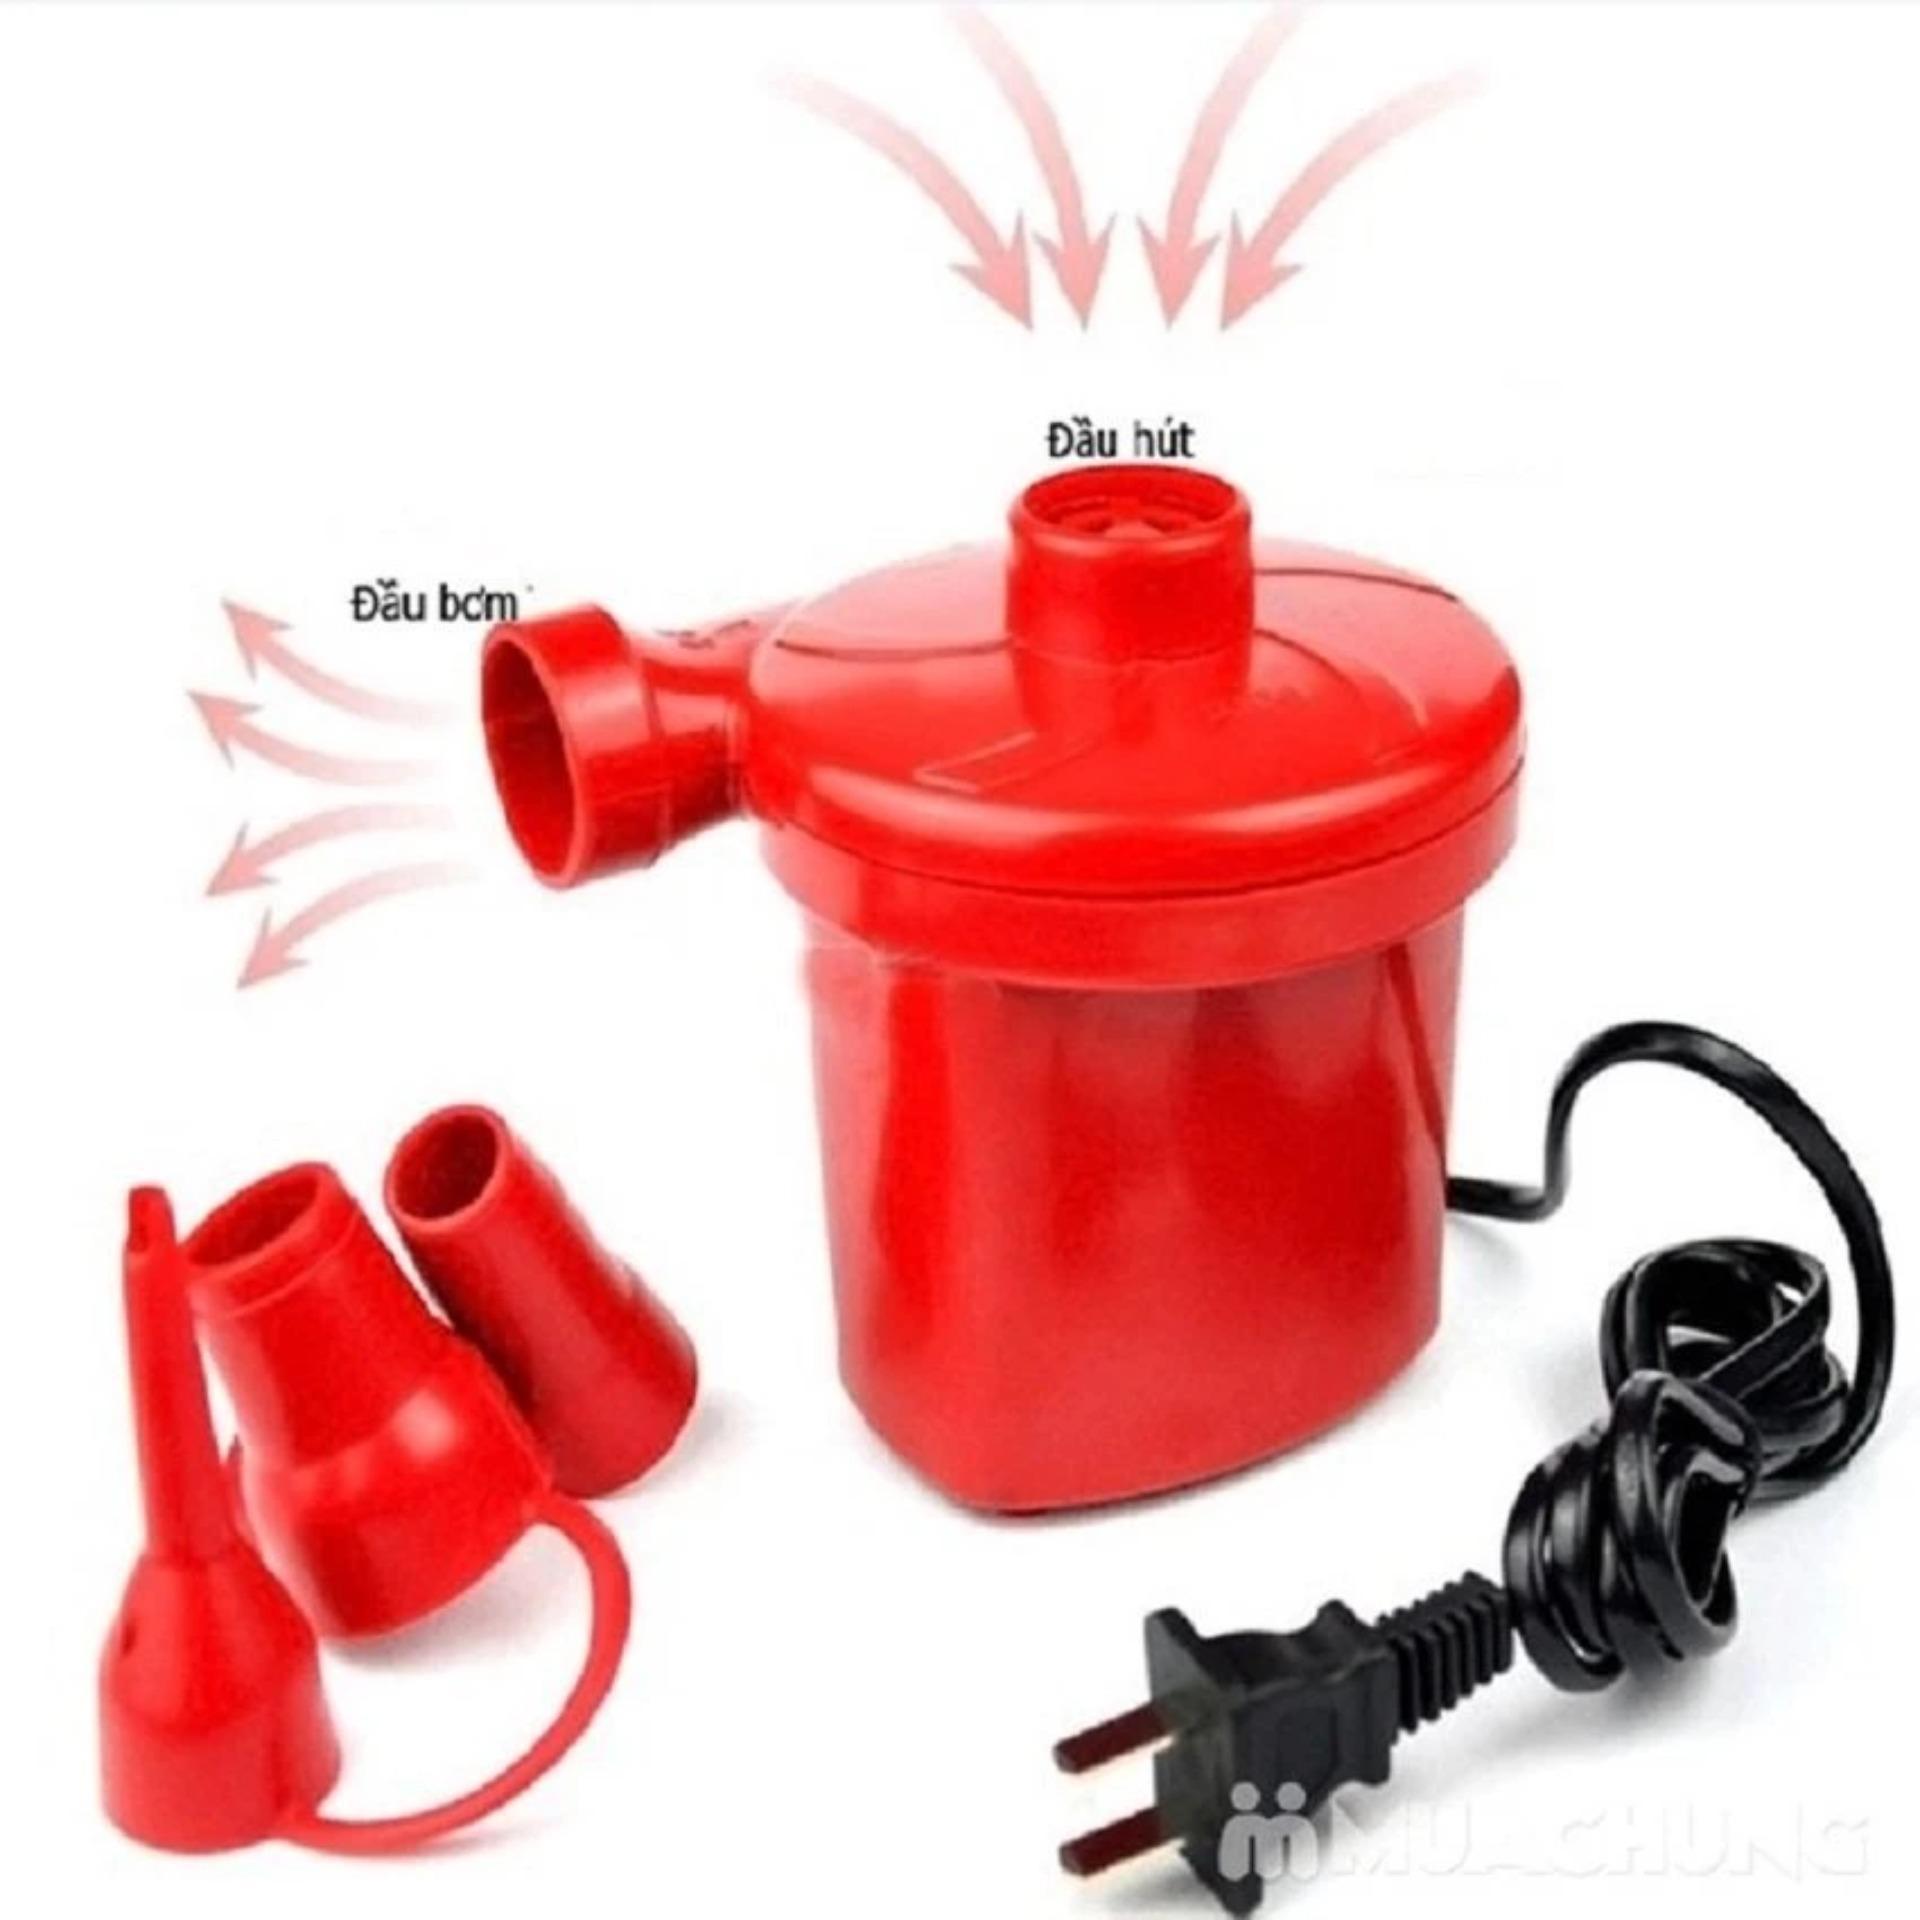 Bơm điện 2 chiều bơm và hút chân không